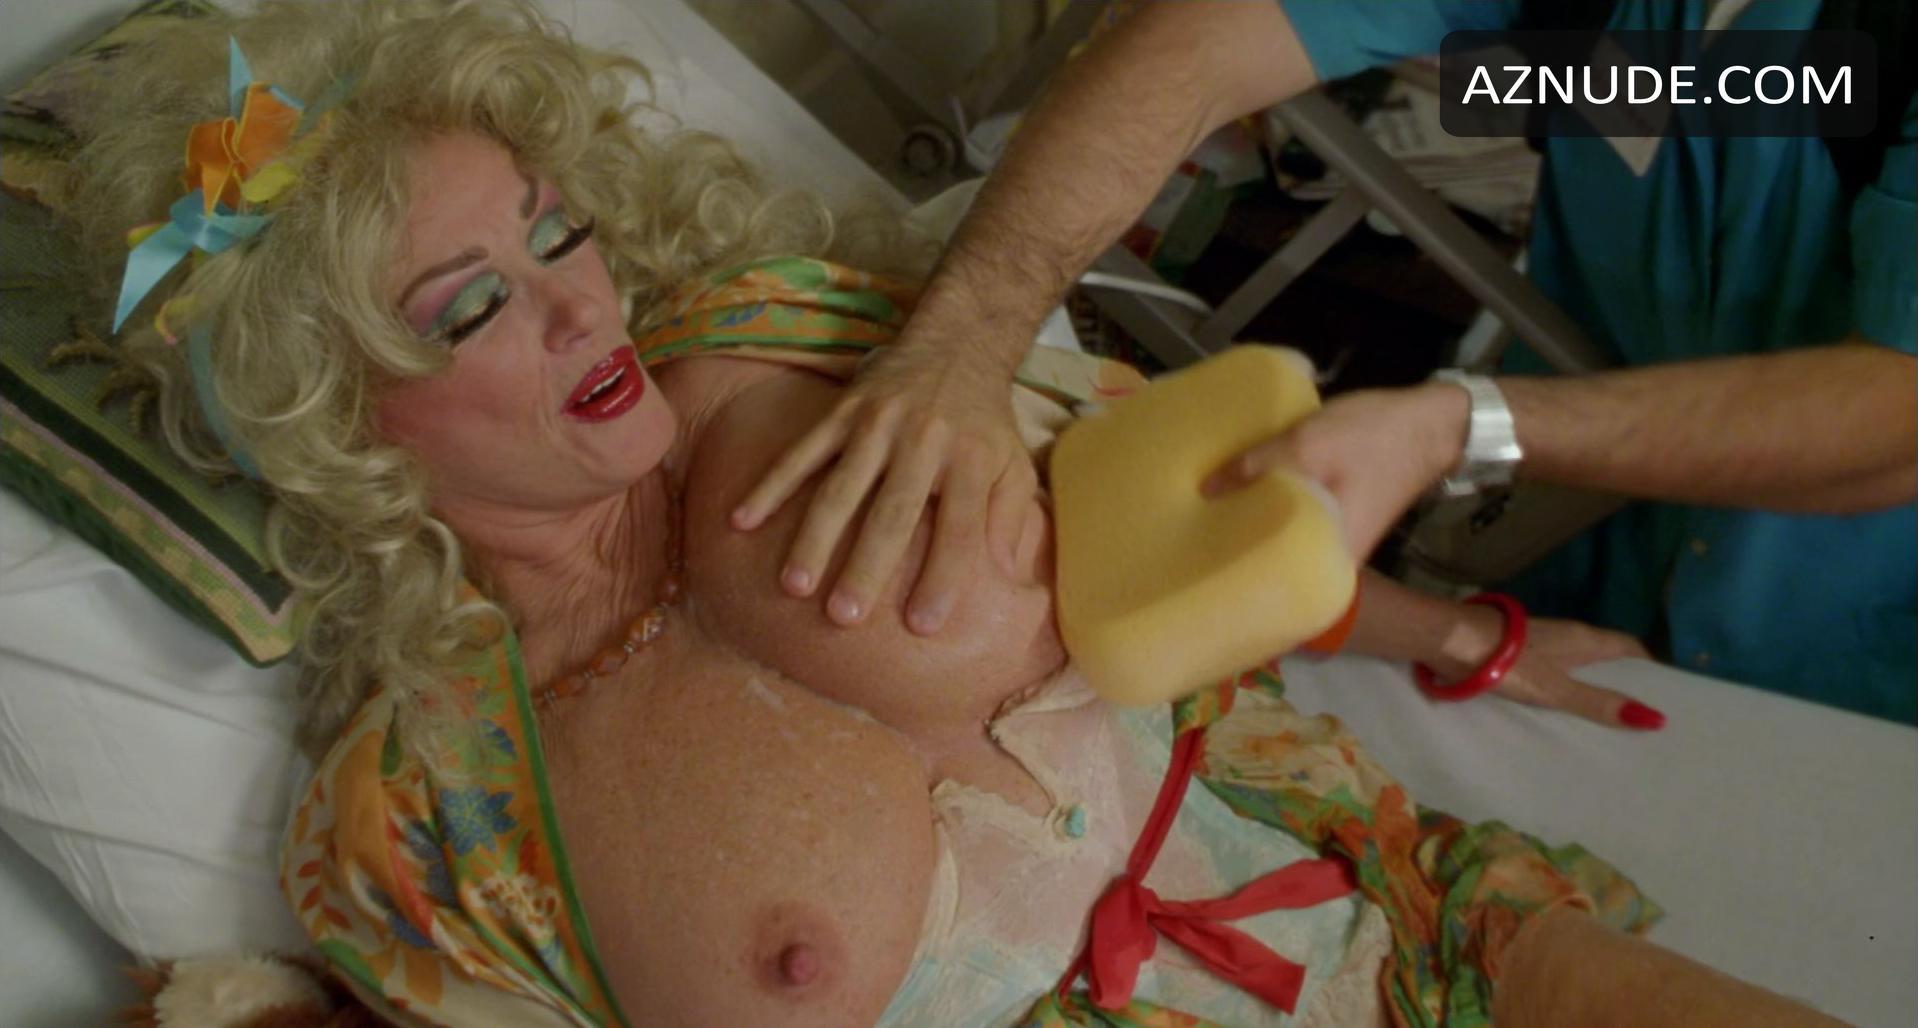 Mamie van doren porn galleries 981